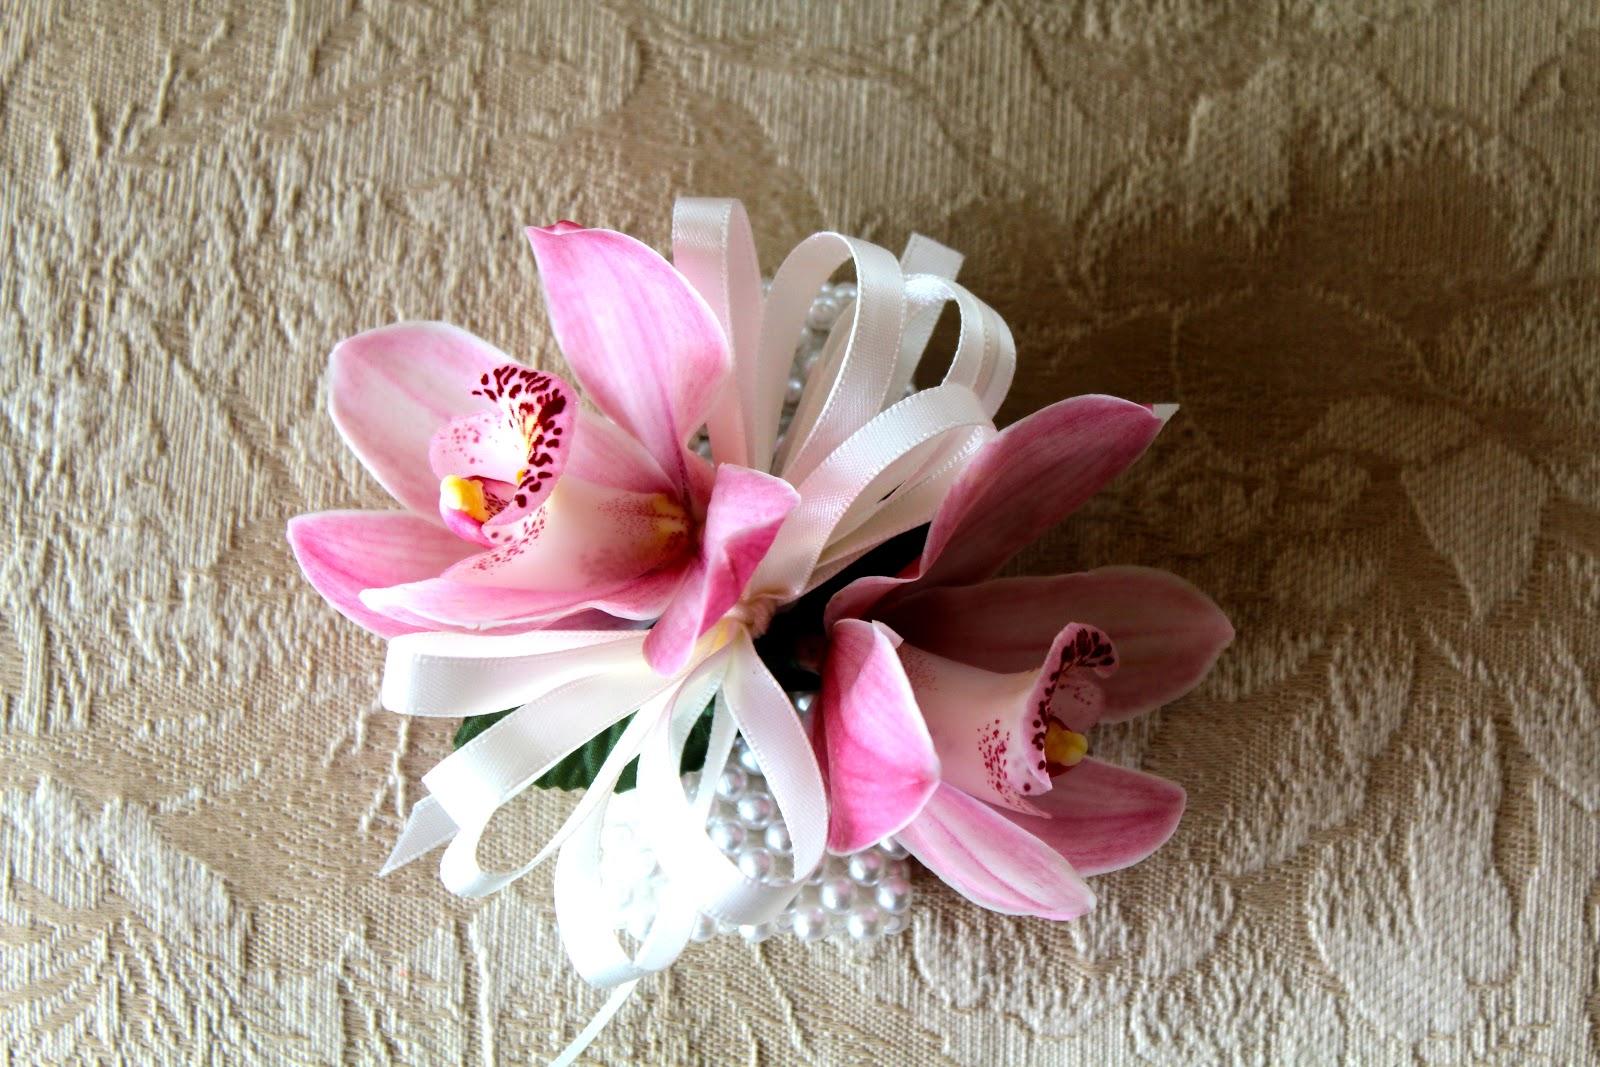 Cymbidium Orchid Wrist Corsages: Allison Phalen Floral Design: October 2012